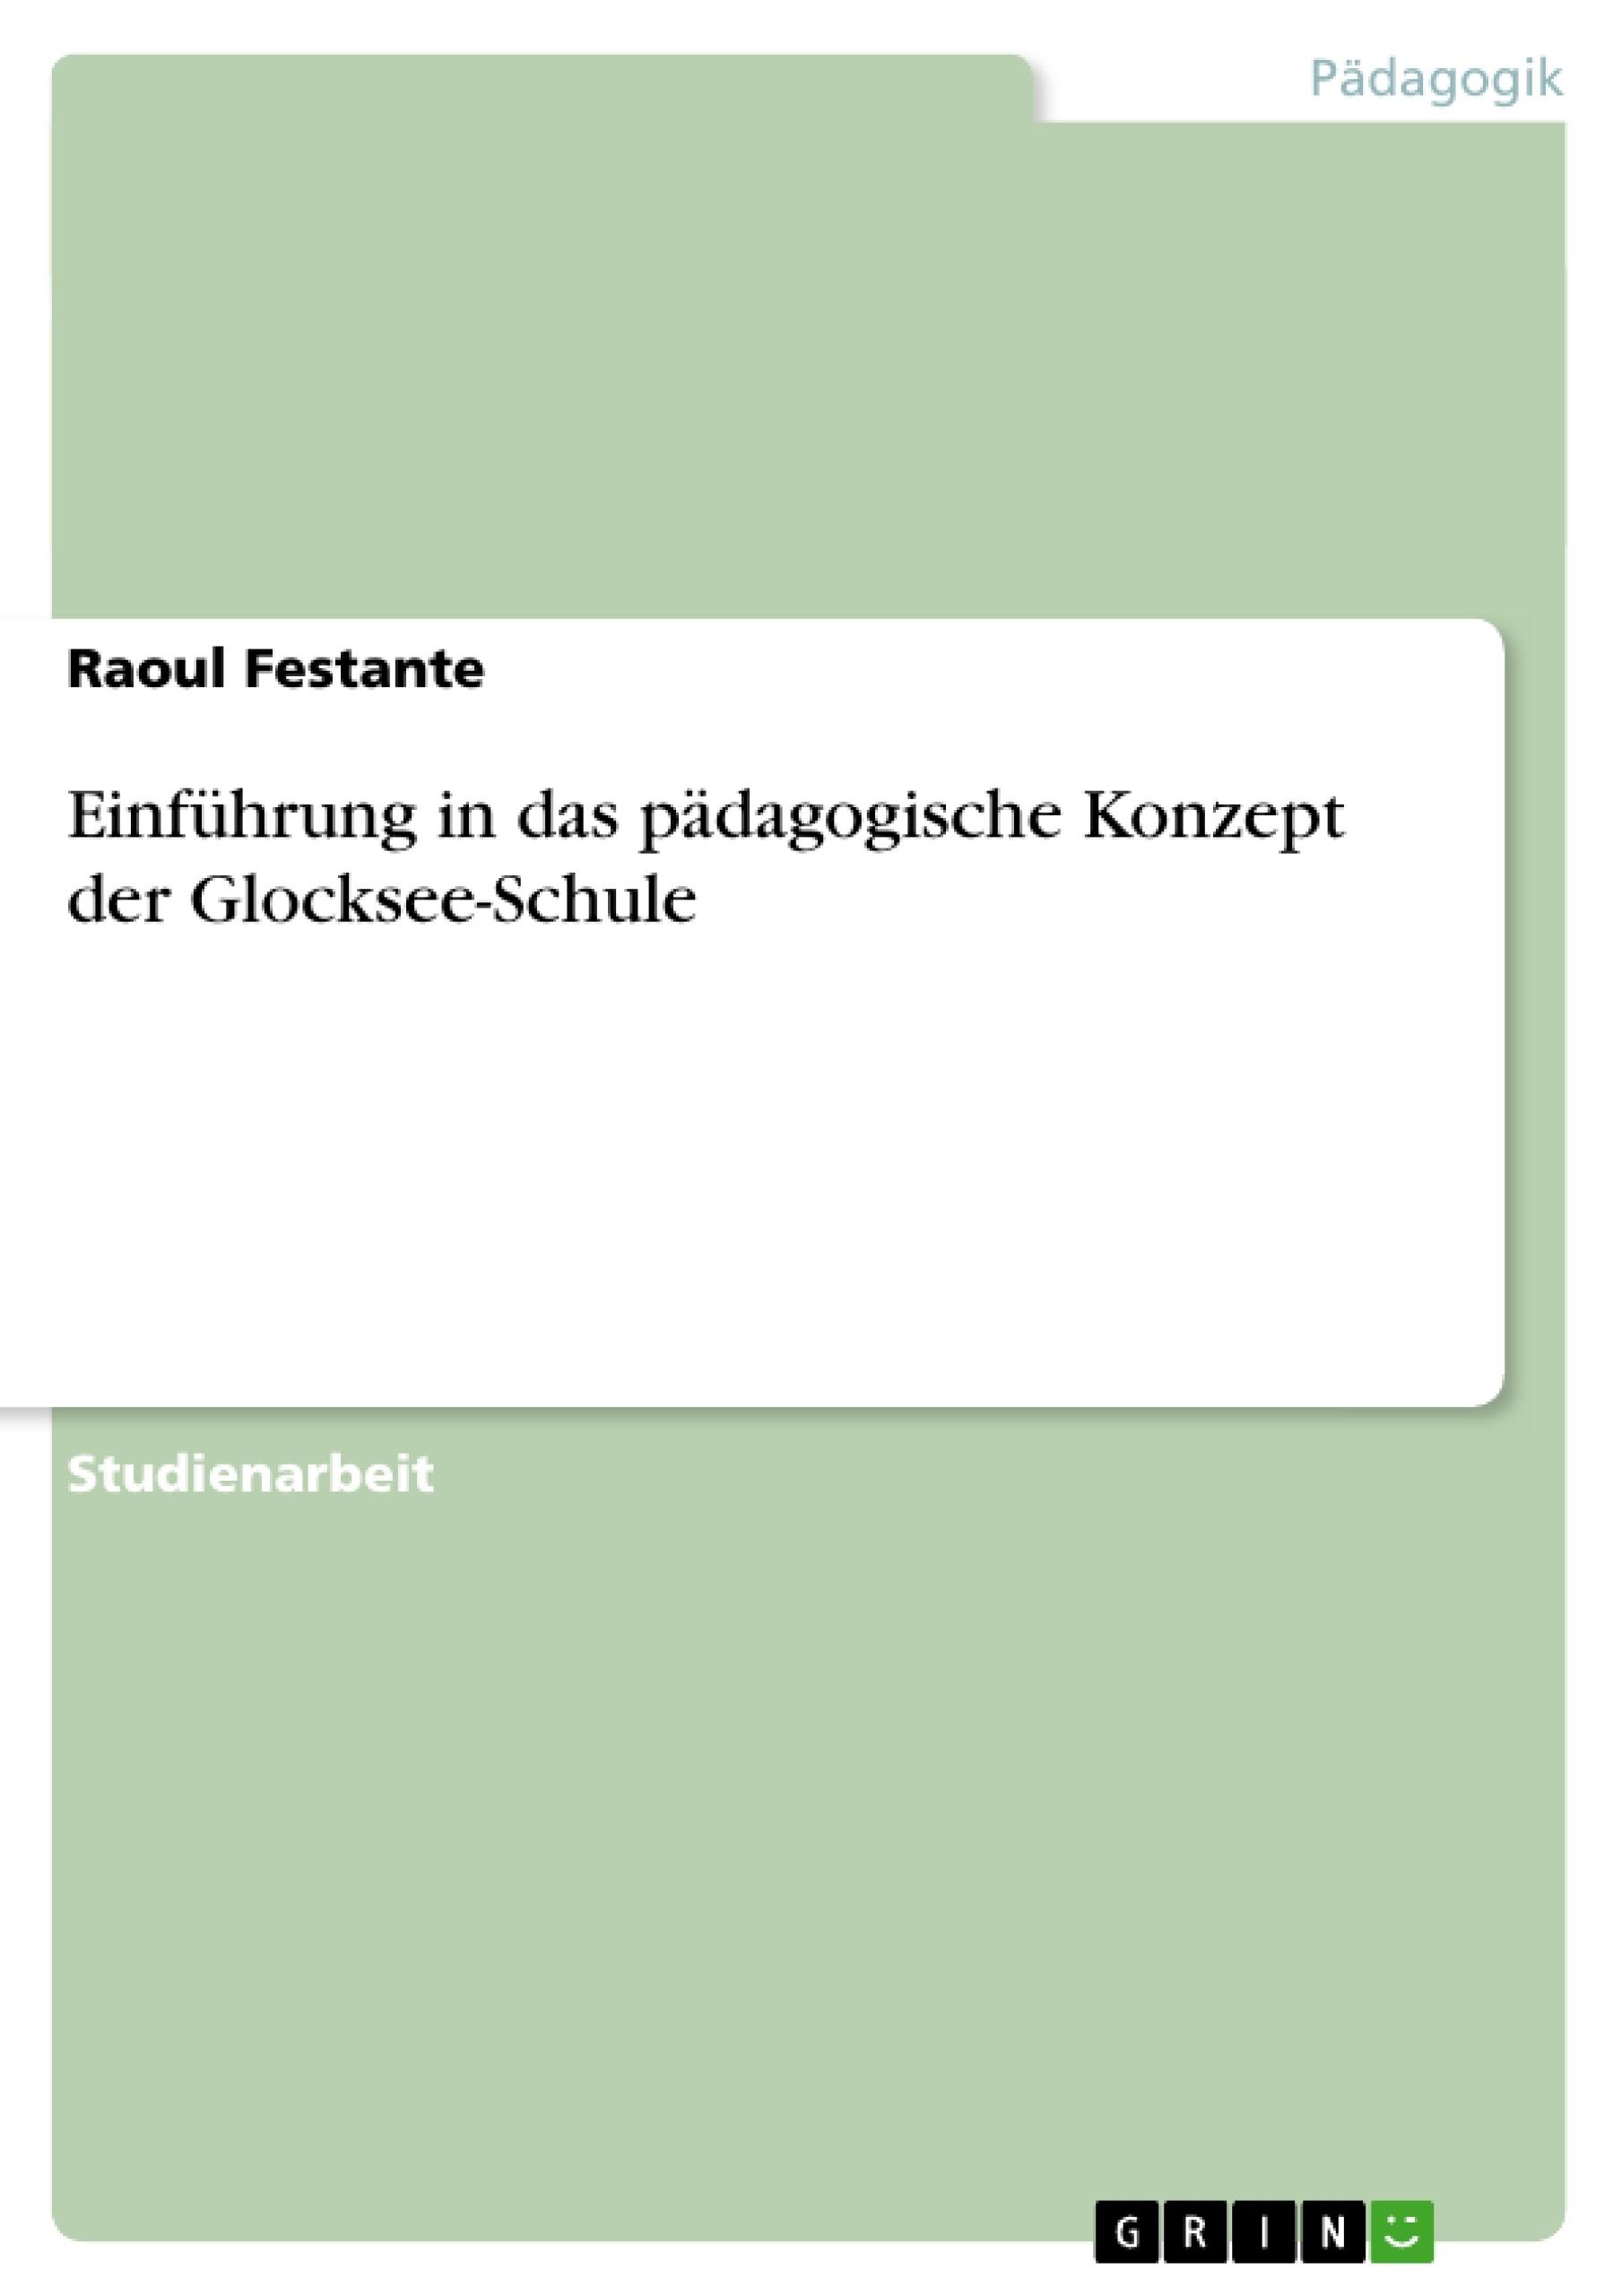 Titel: Einführung in das pädagogische Konzept der Glocksee-Schule